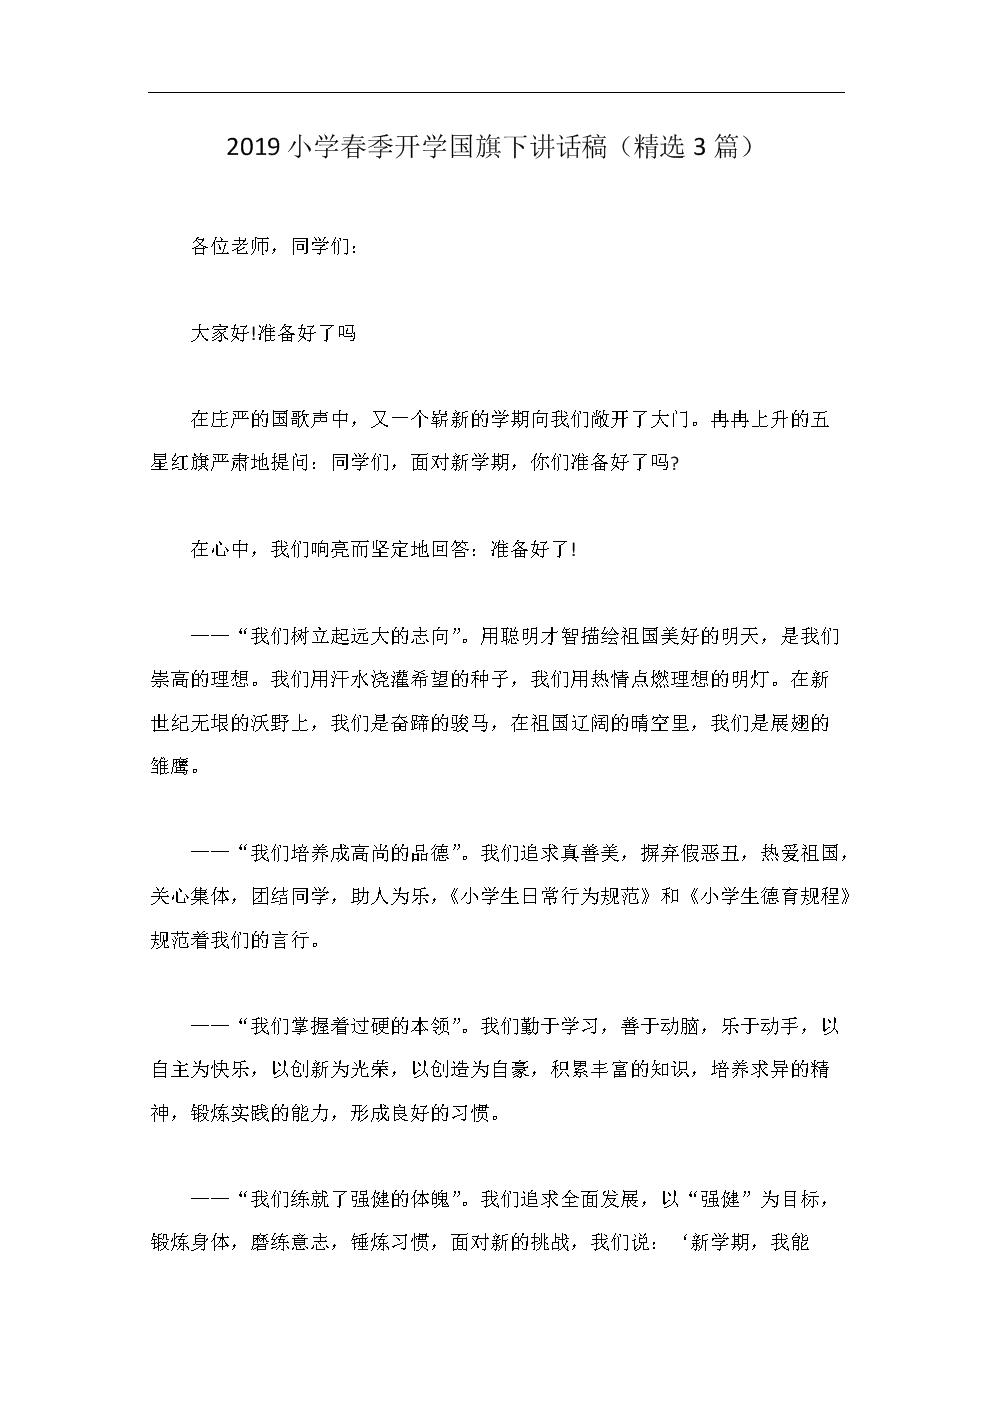 2019国旗春季精选小学下讲话稿(开学3篇).doc太平校小学歌路图片